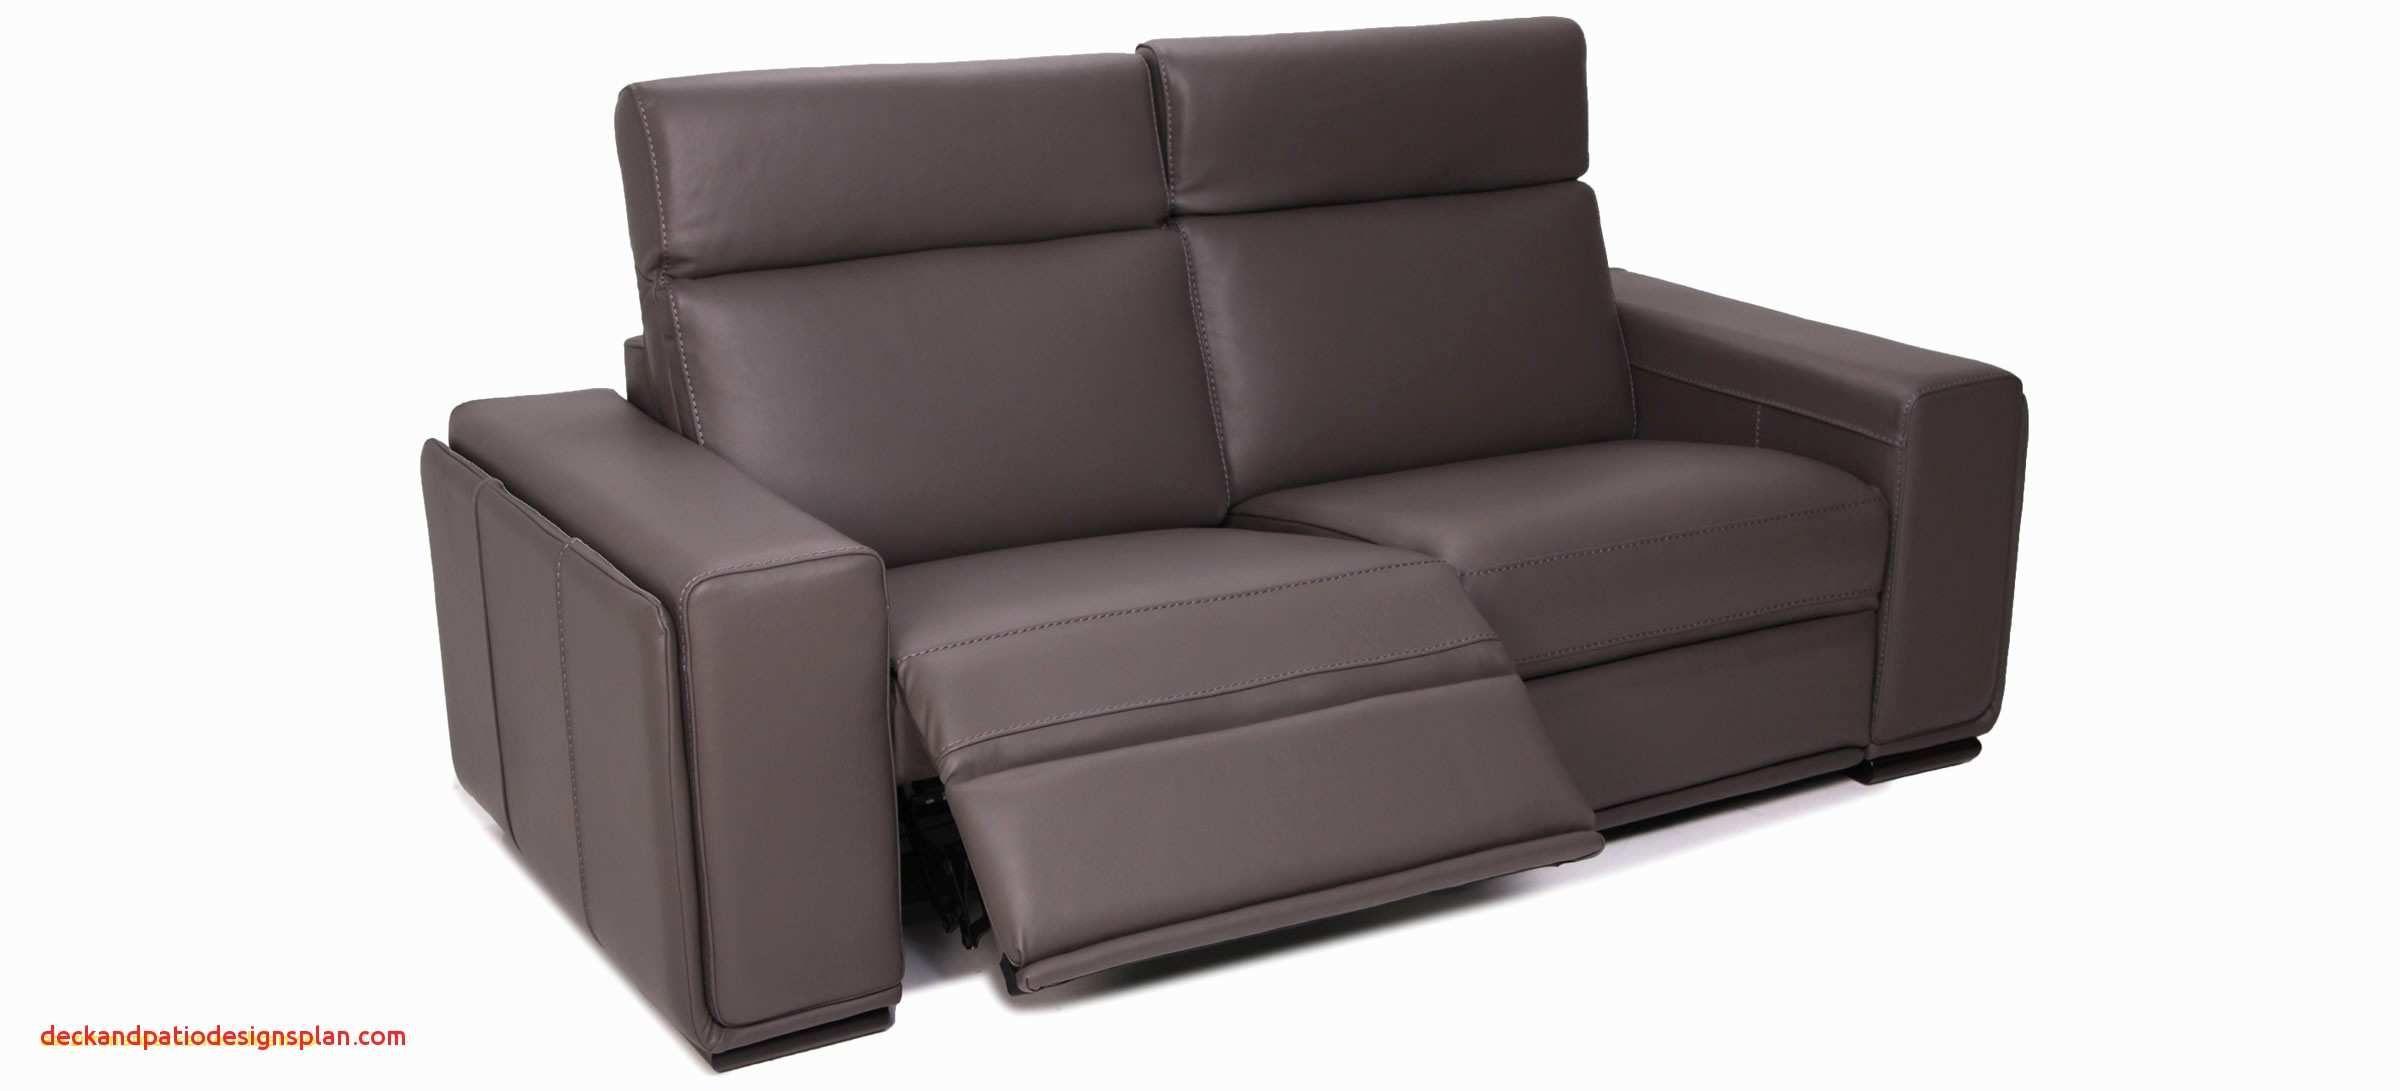 65 Lebendig Lager Von Ikea Sofa Schlaffunktion Di 2020